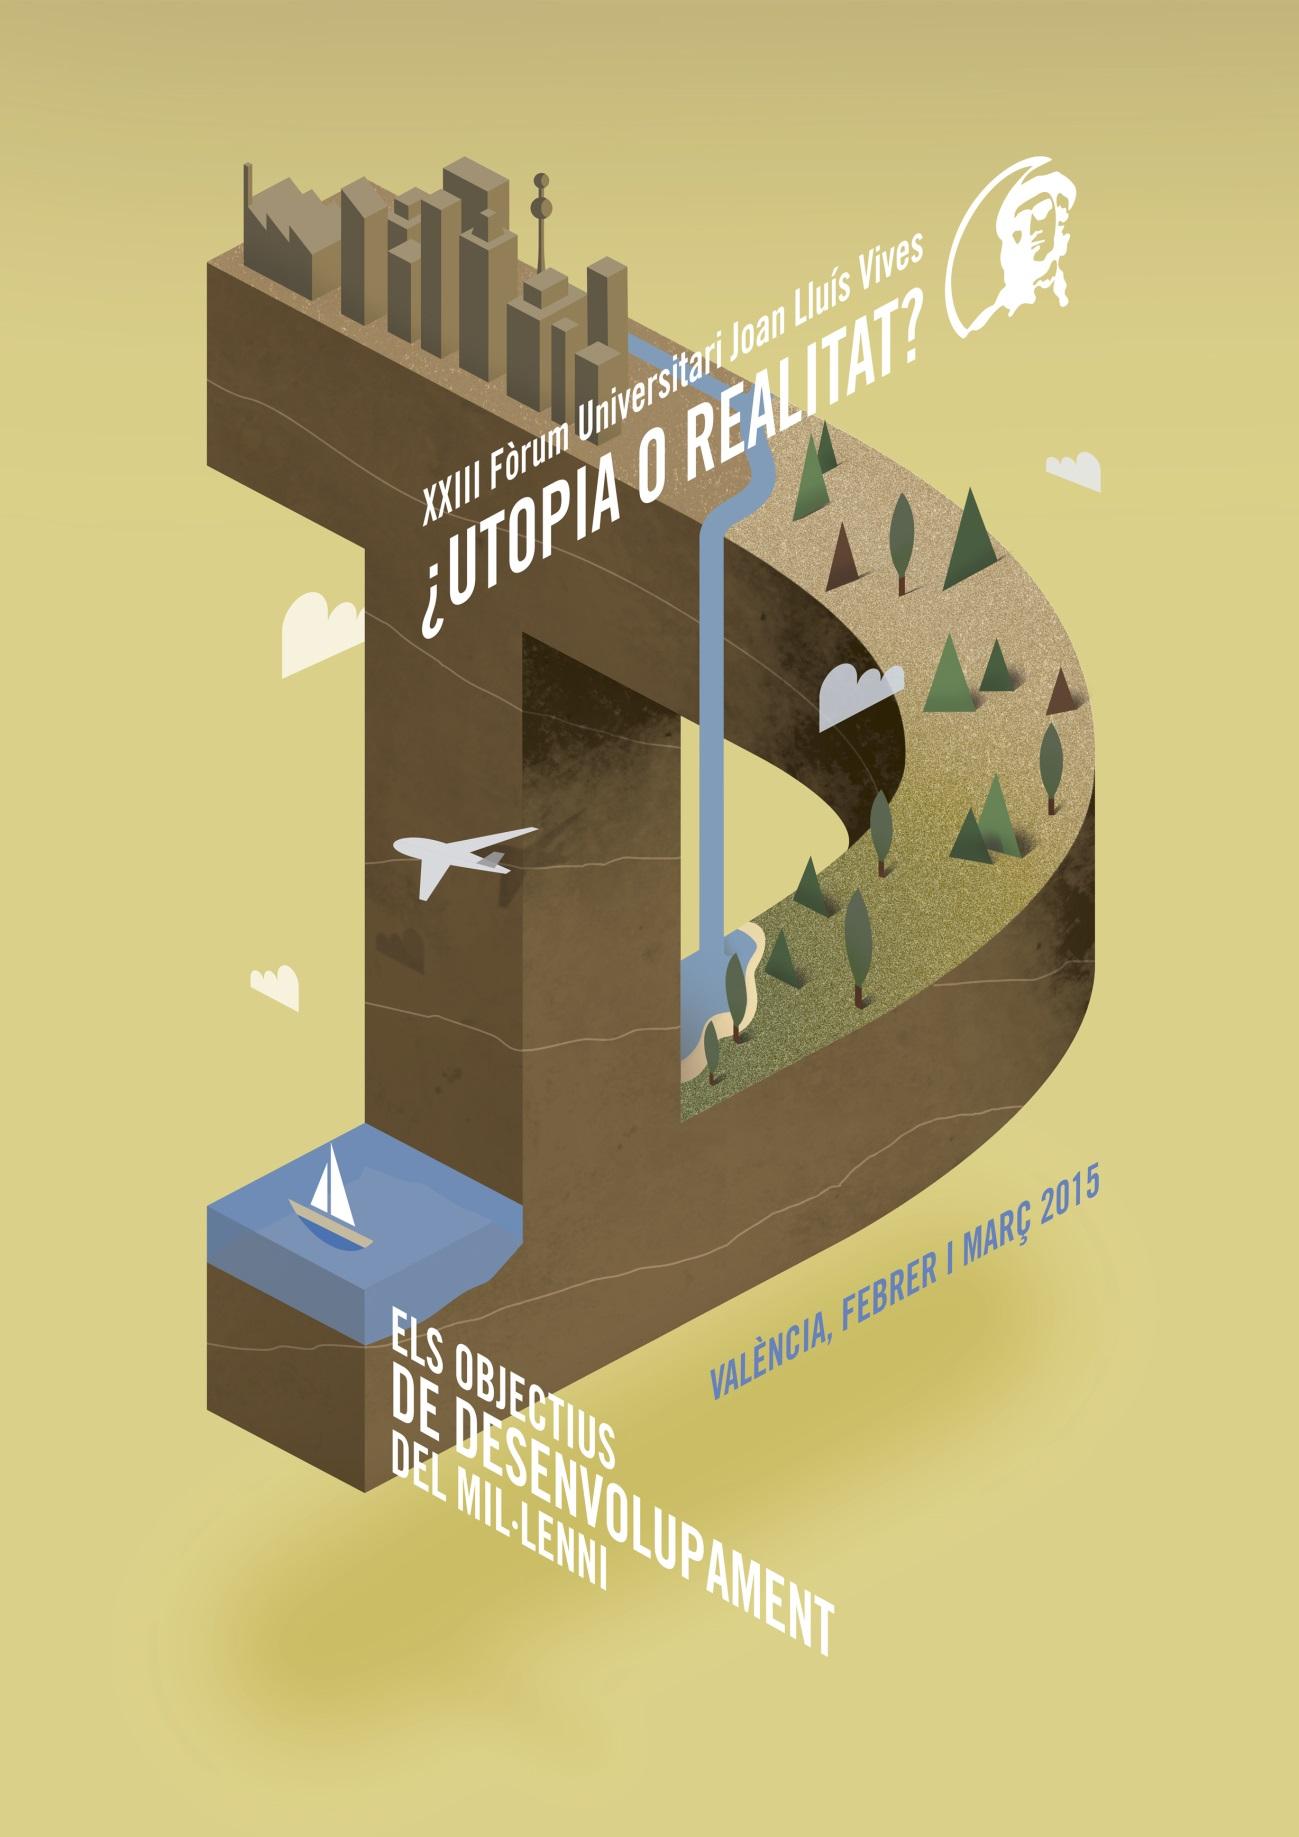 Cartel de presentación del XXIII Foro Universitario Juan Luís Vives: ¿Utopía o realidad? Los Objetivos de Desarrollo del Milenio.